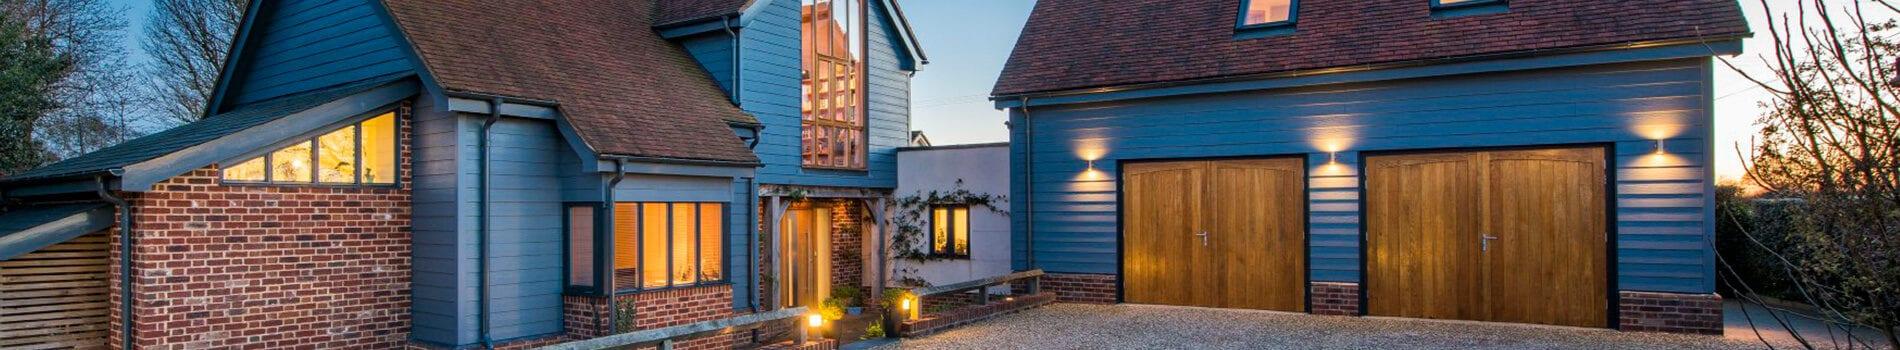 David Burr Estate Agents Website Design